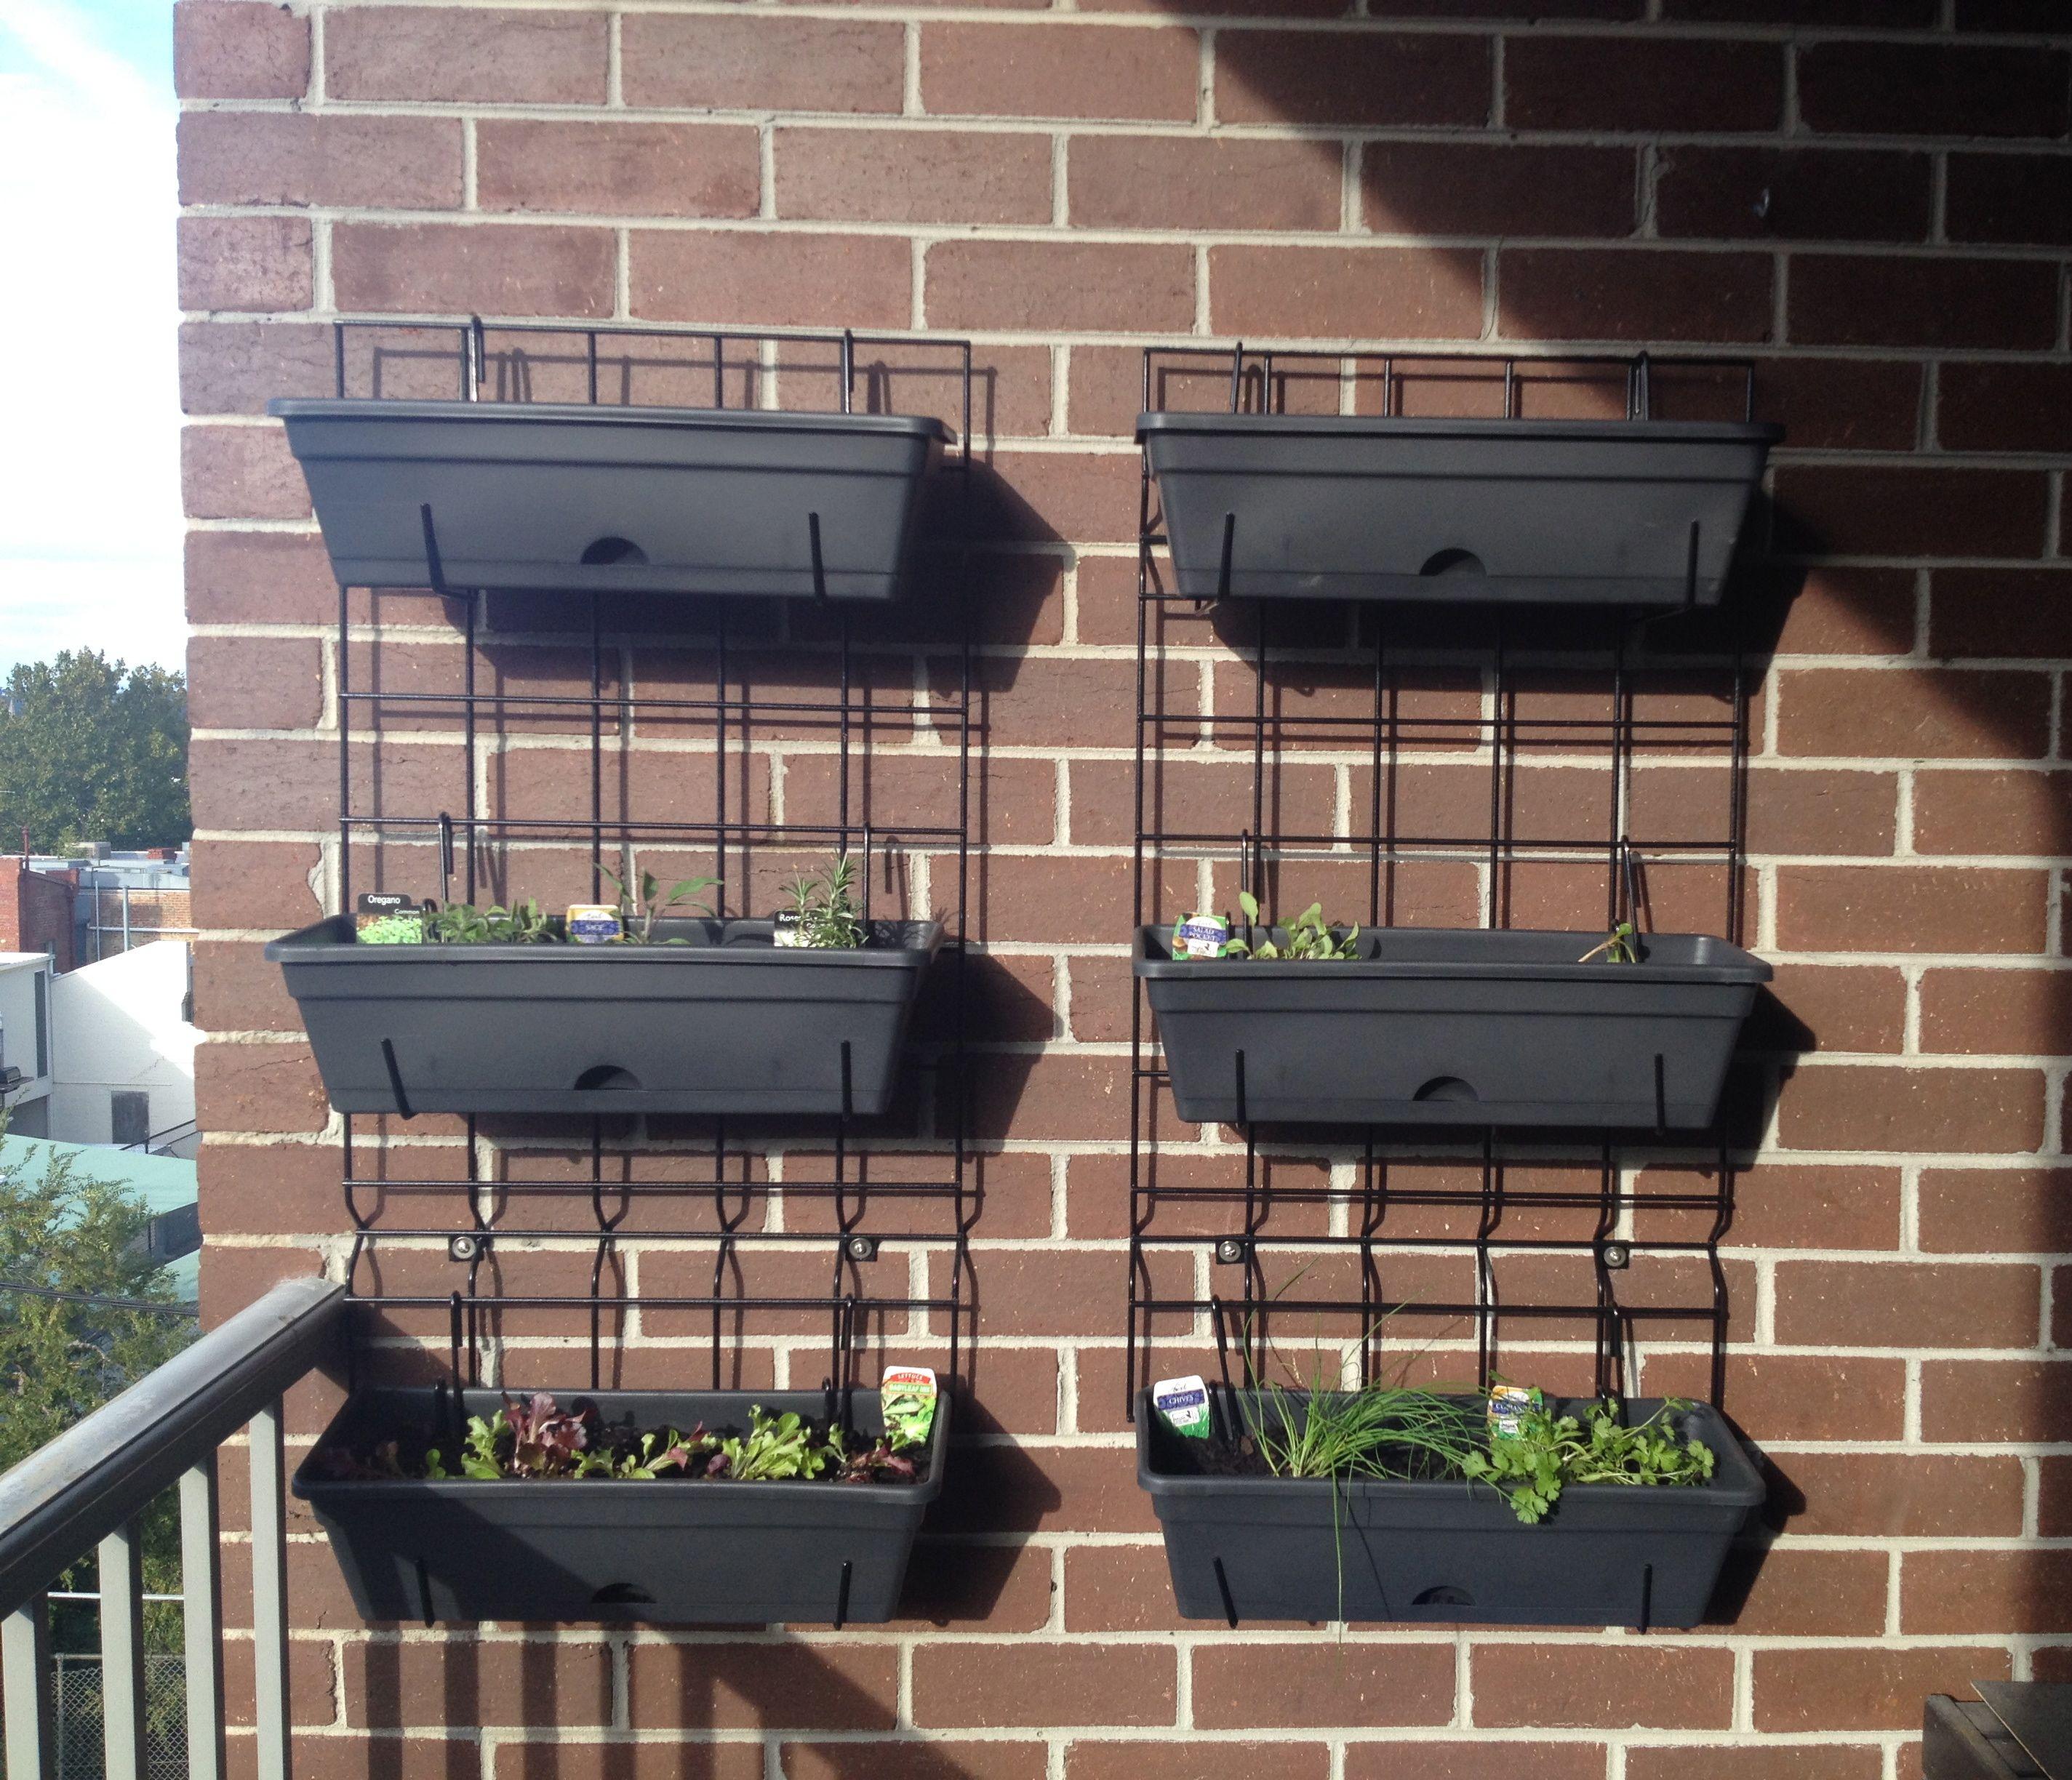 balcony wall garden Balcony Gardening Freestanding Vertical Garden Edition